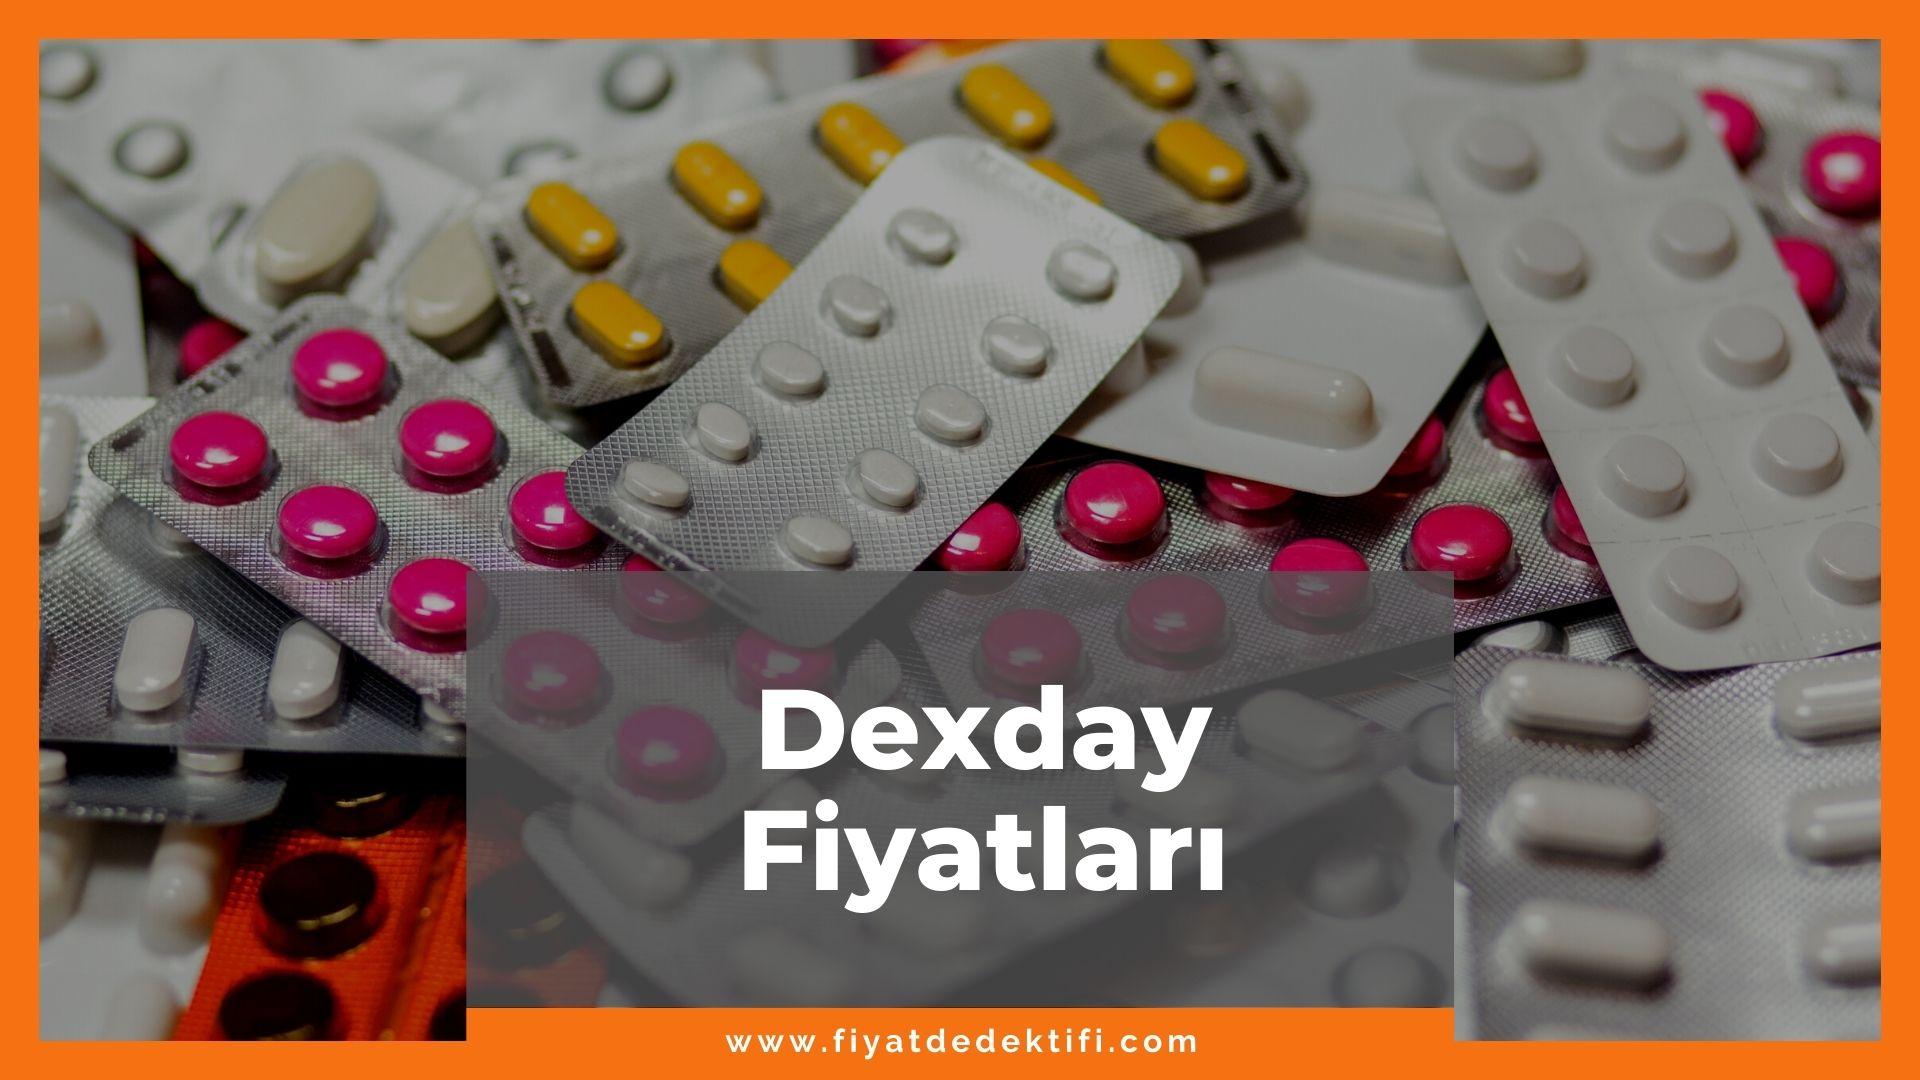 Dexday Fiyat 2021, Dexday Fiyatı, Dexday 50 mg Fiyatı, dexday zamlandı mı, dexday zamlı fiyatı ne kadar kaç tl oldu